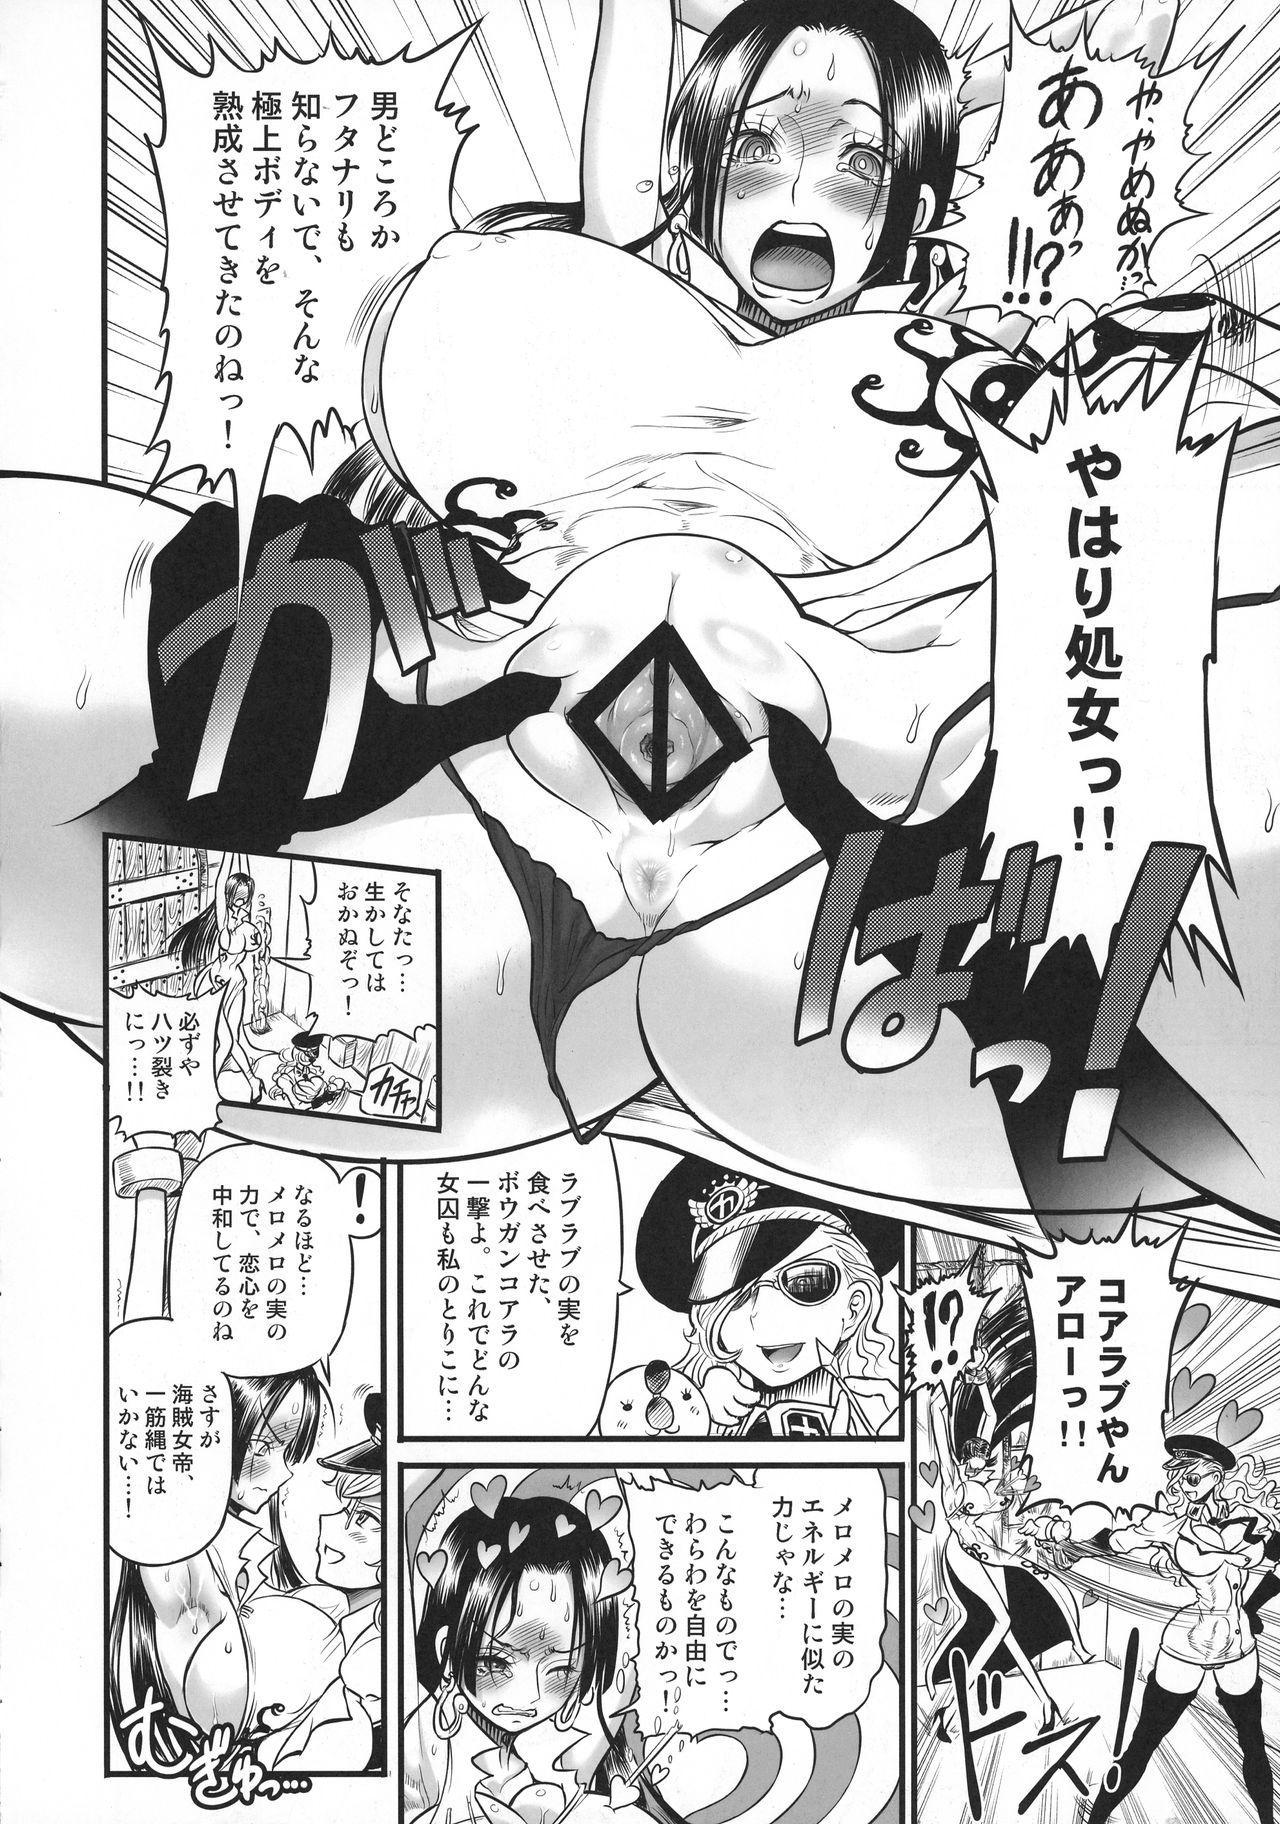 Midare Saki Joshuu Kaizoku Soushuuhen 70